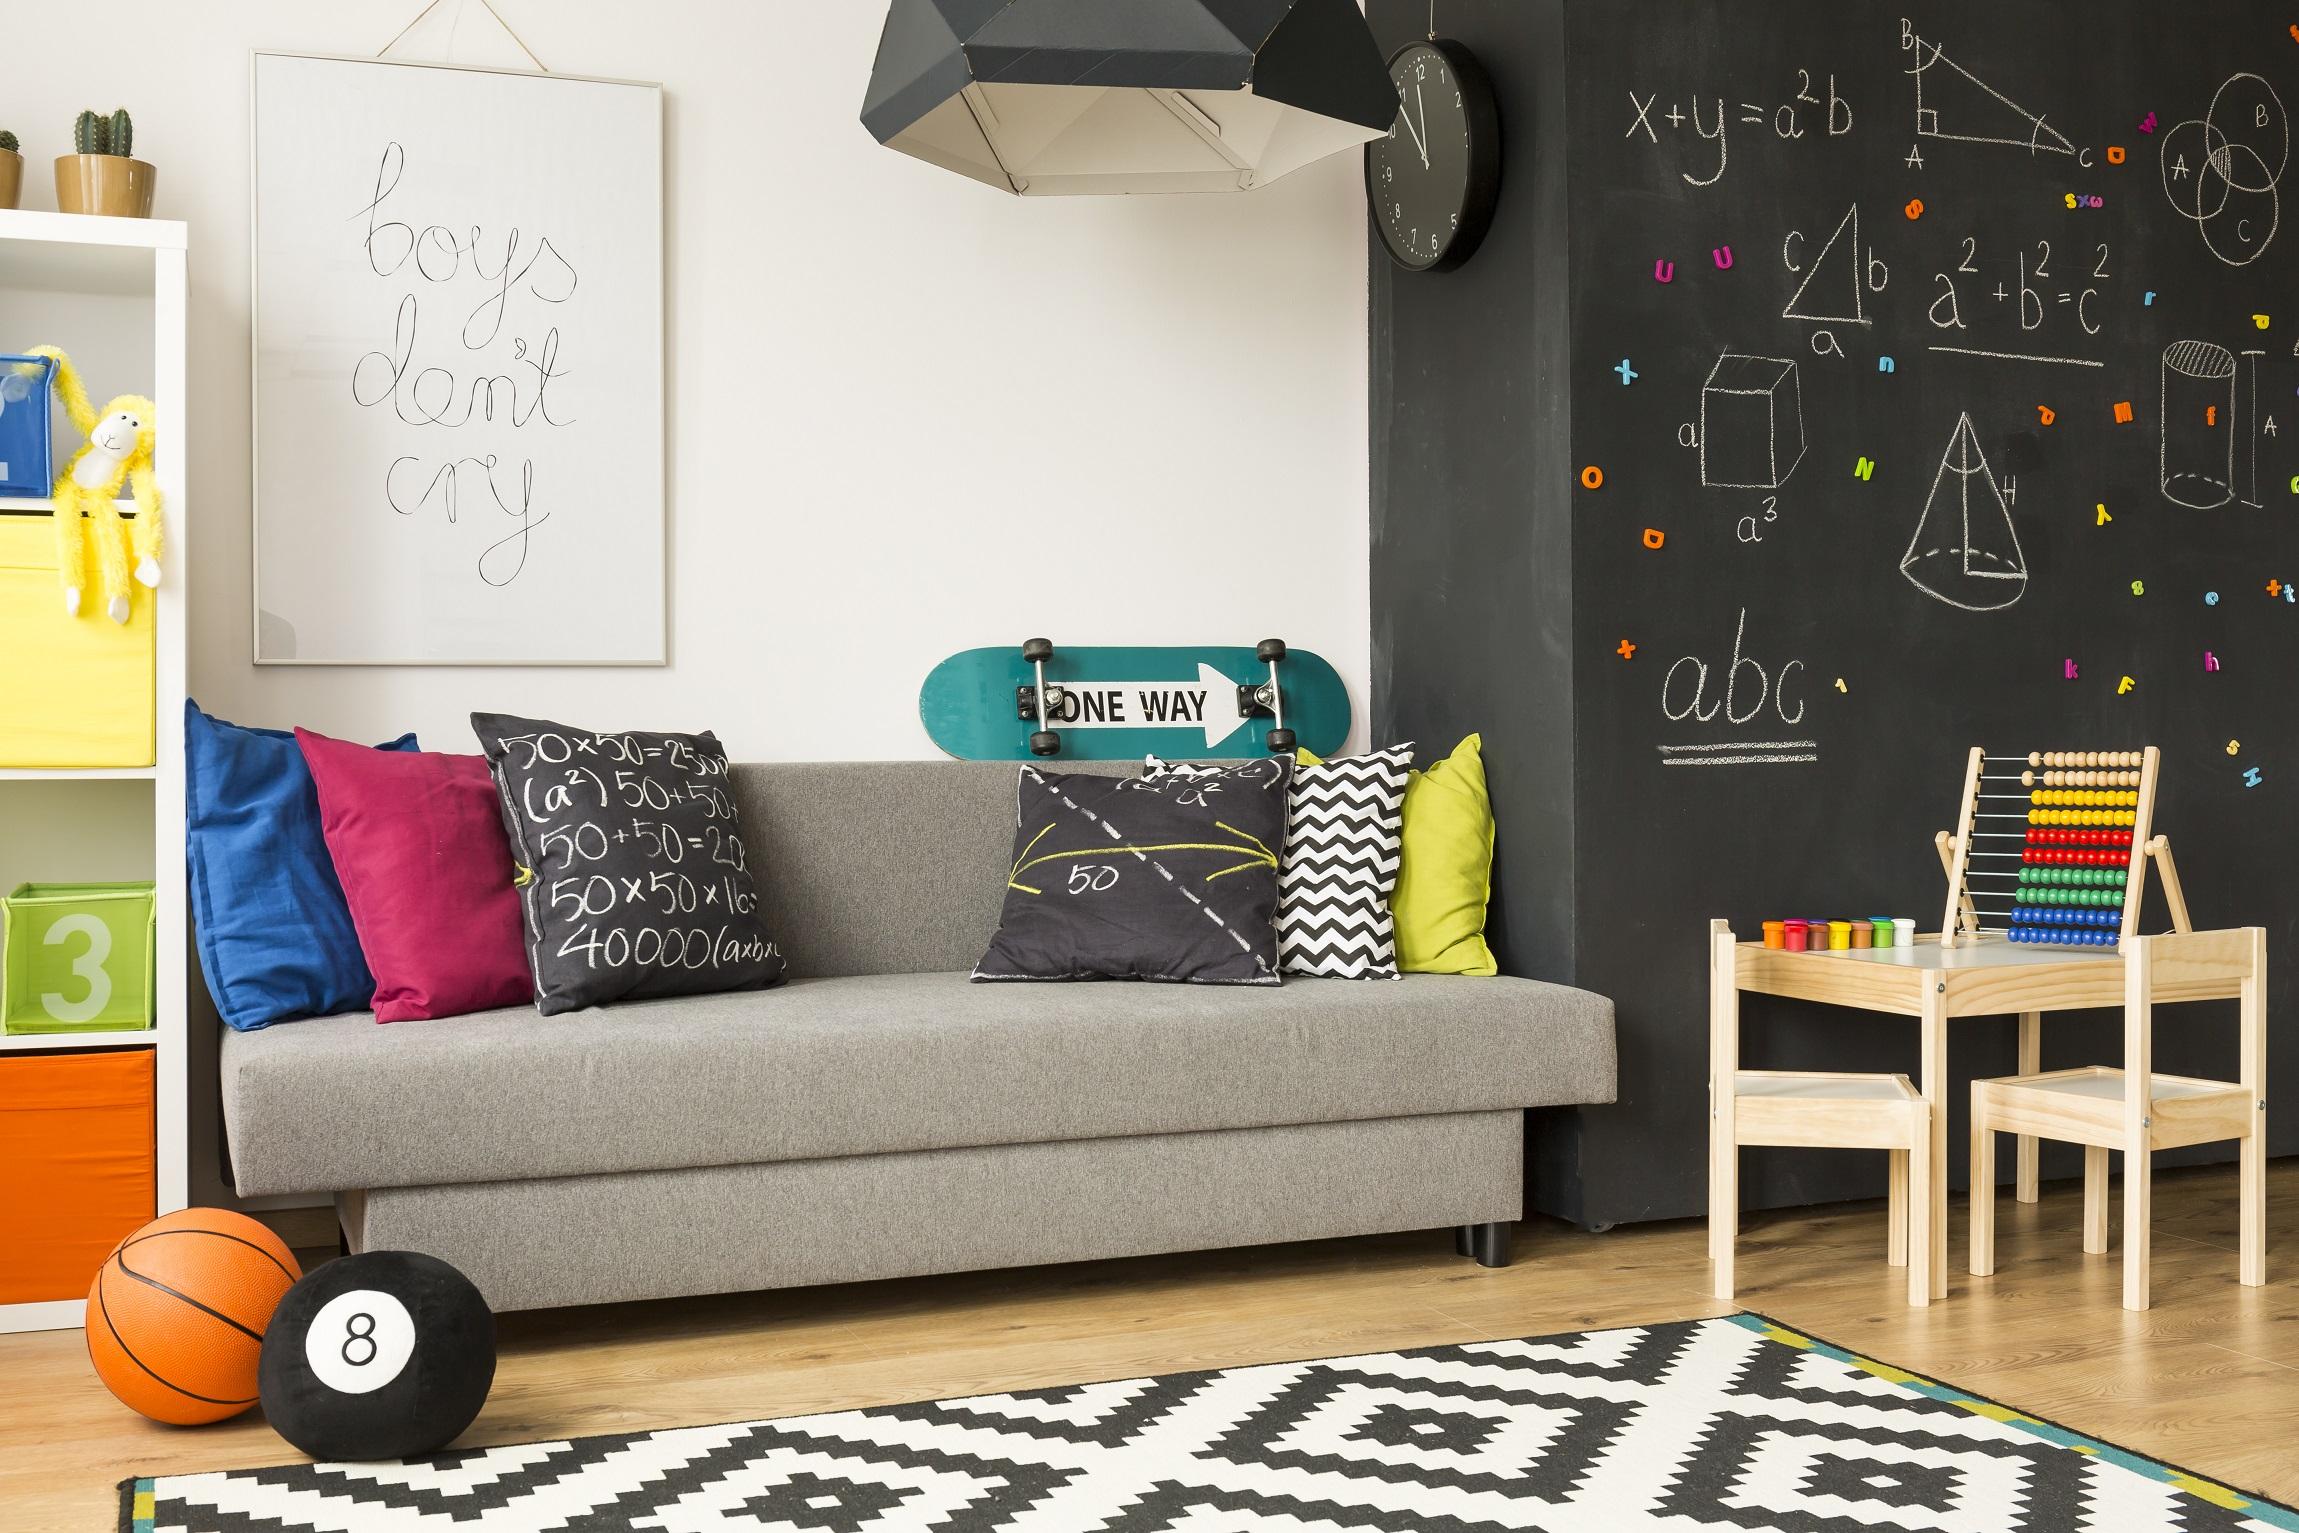 Domov plný barev - Creative Commons (www.shutterstock.com)